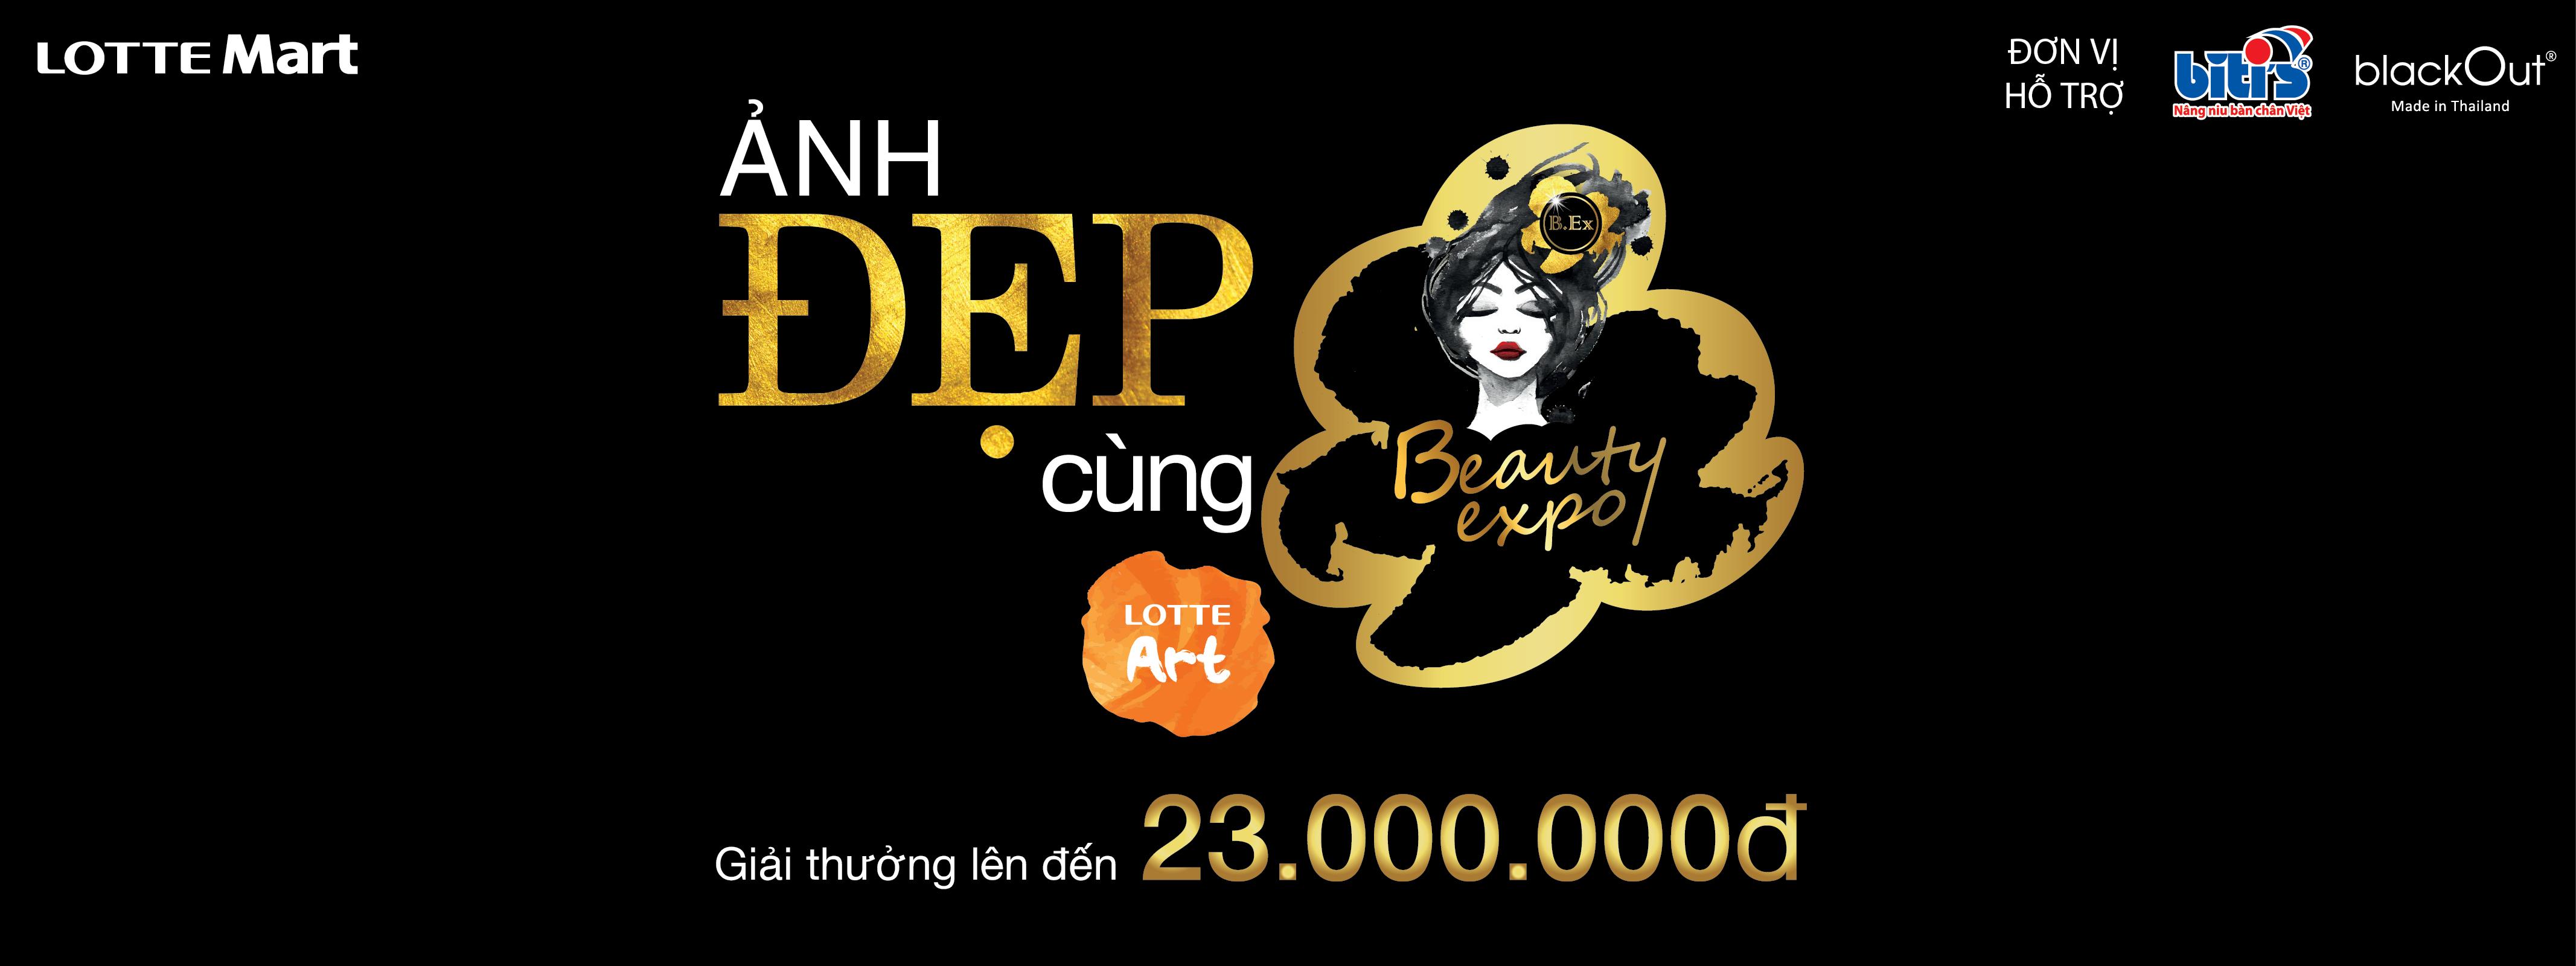 """Cuộc thi """"Ảnh đẹp cùng Beauty Expo 2017"""" giải thưởng lên đến 23.000.000đ"""